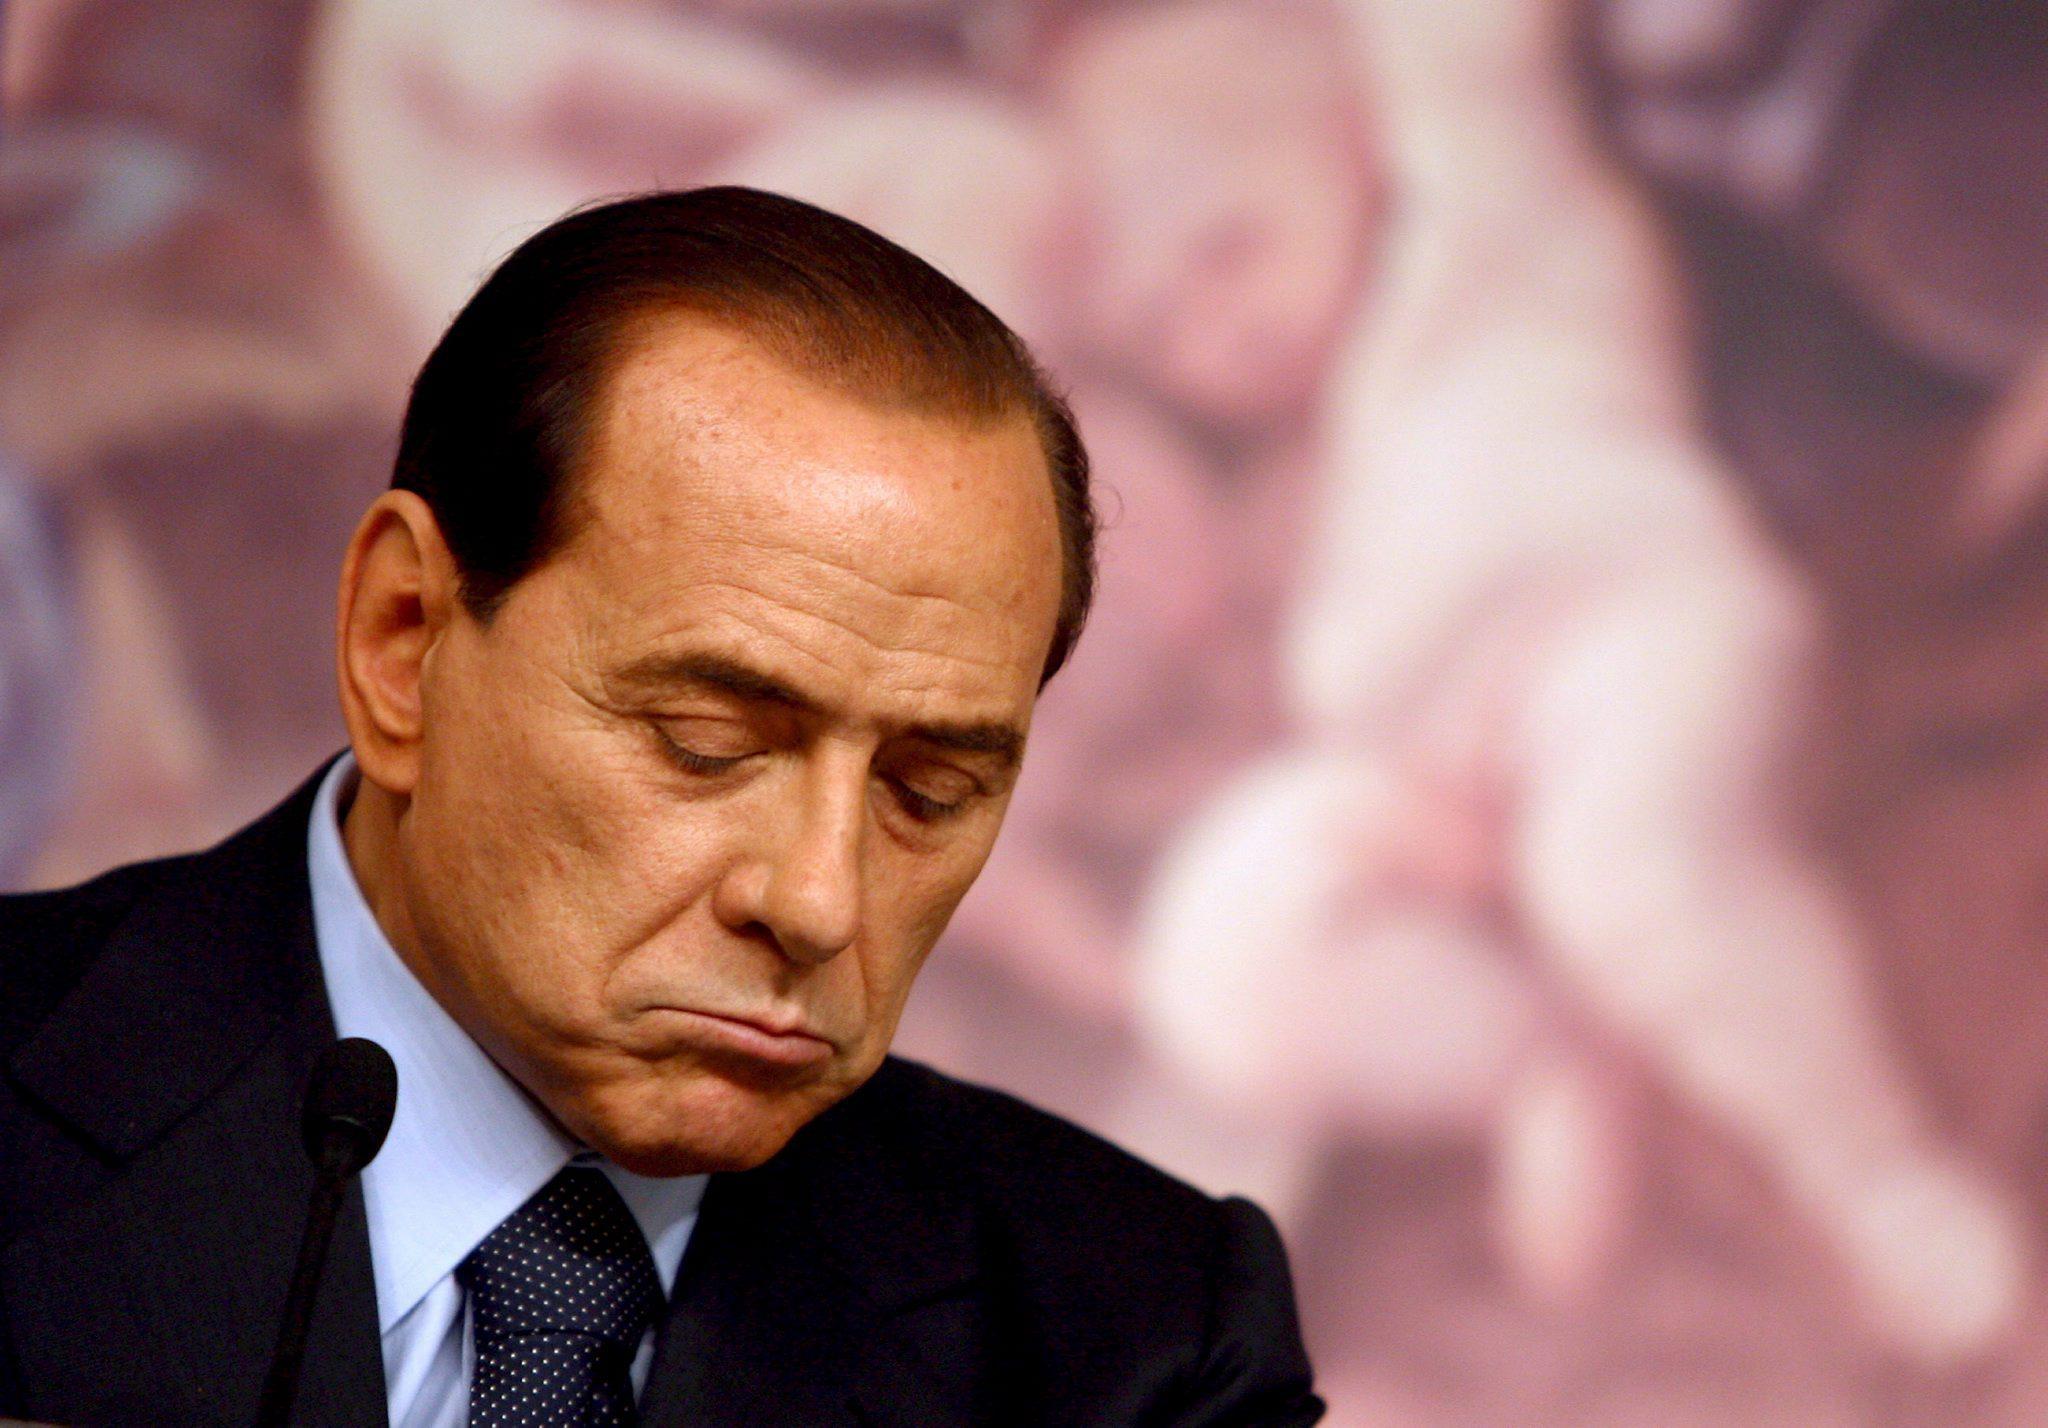 Cựu thủ tướng Berlusconi nhập viện vì bệnh tim 1